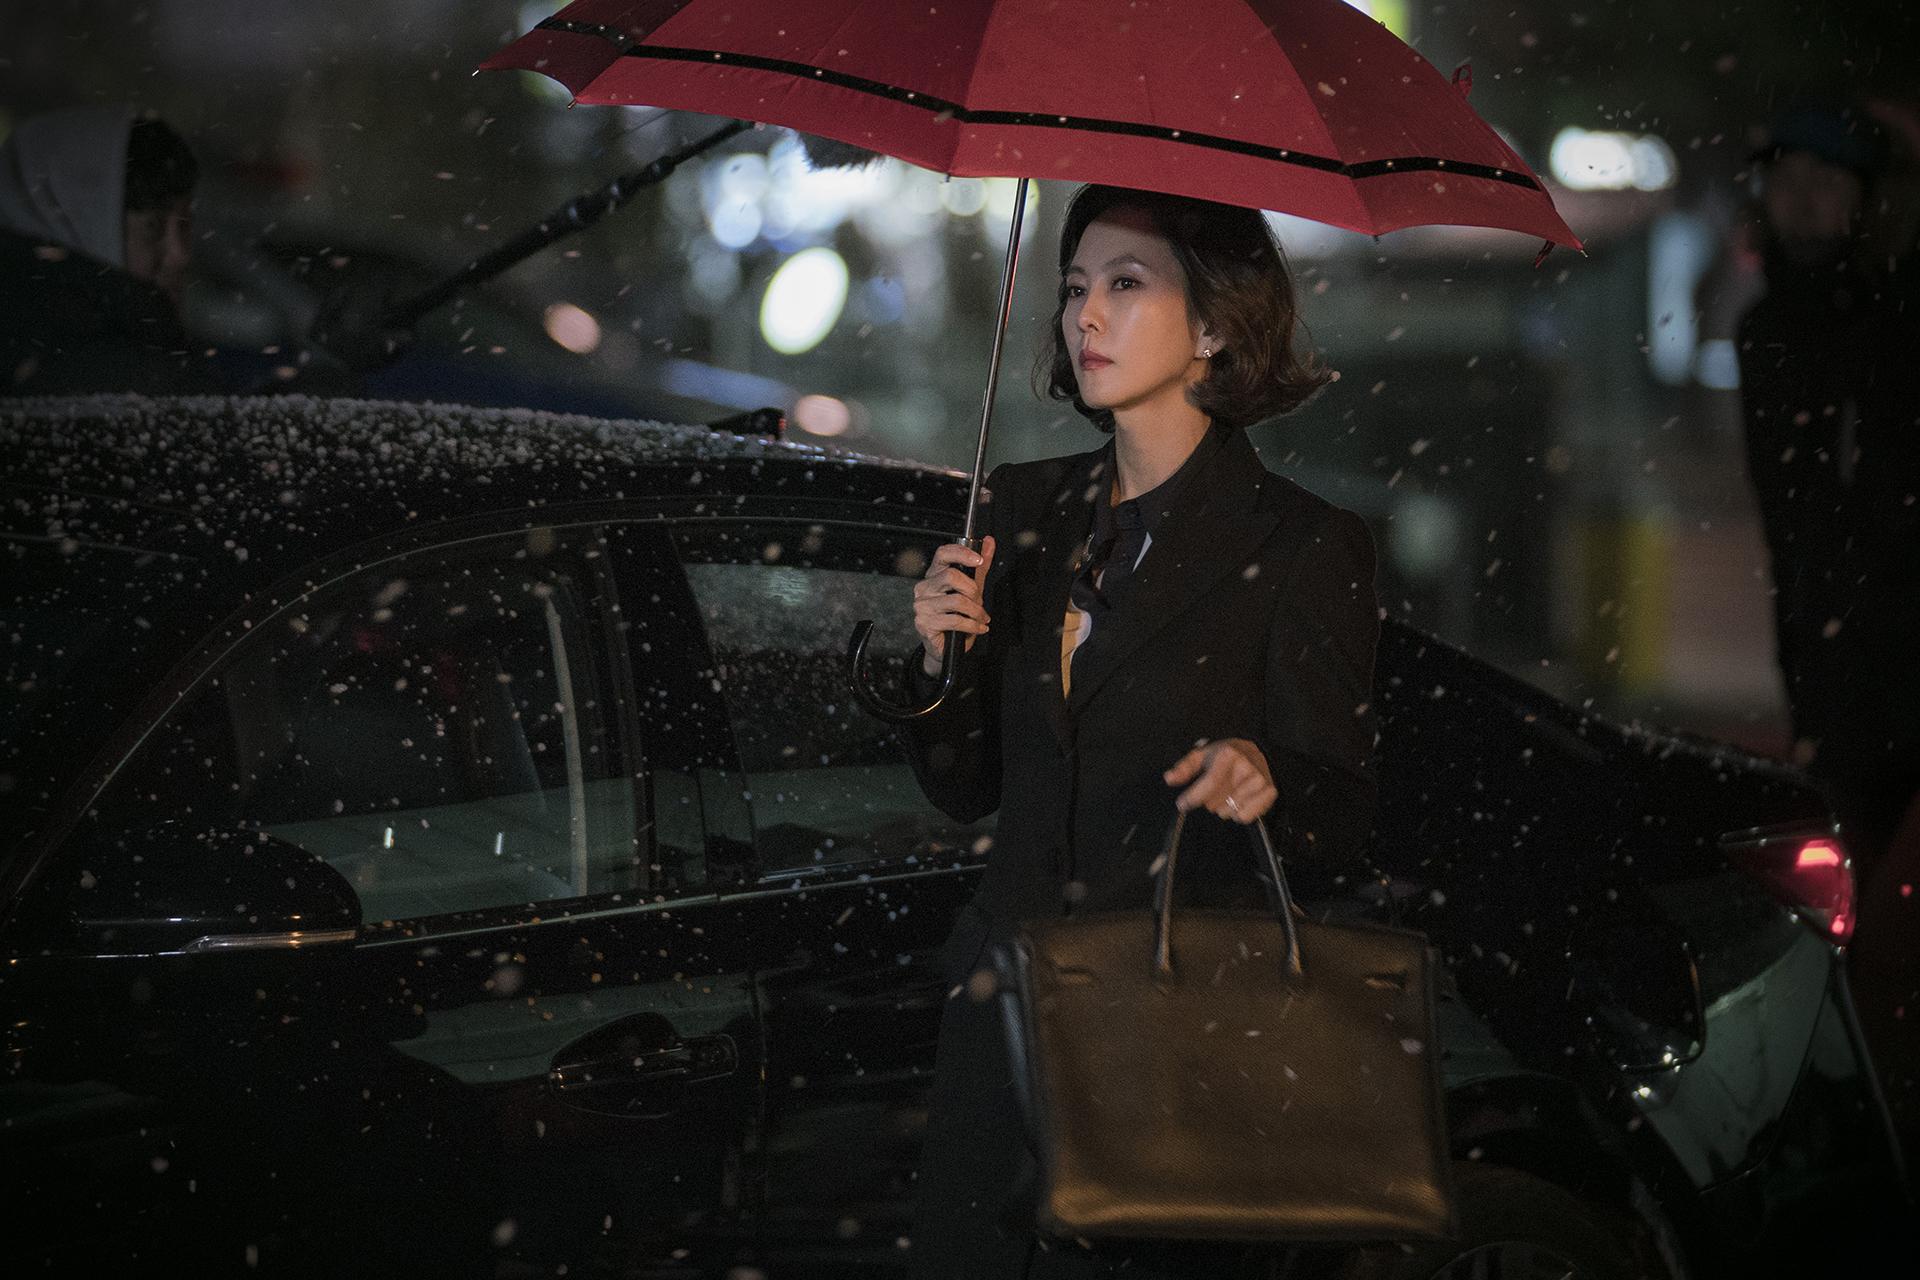 韩剧《迷雾》,这才是真正职场剧该有的样子